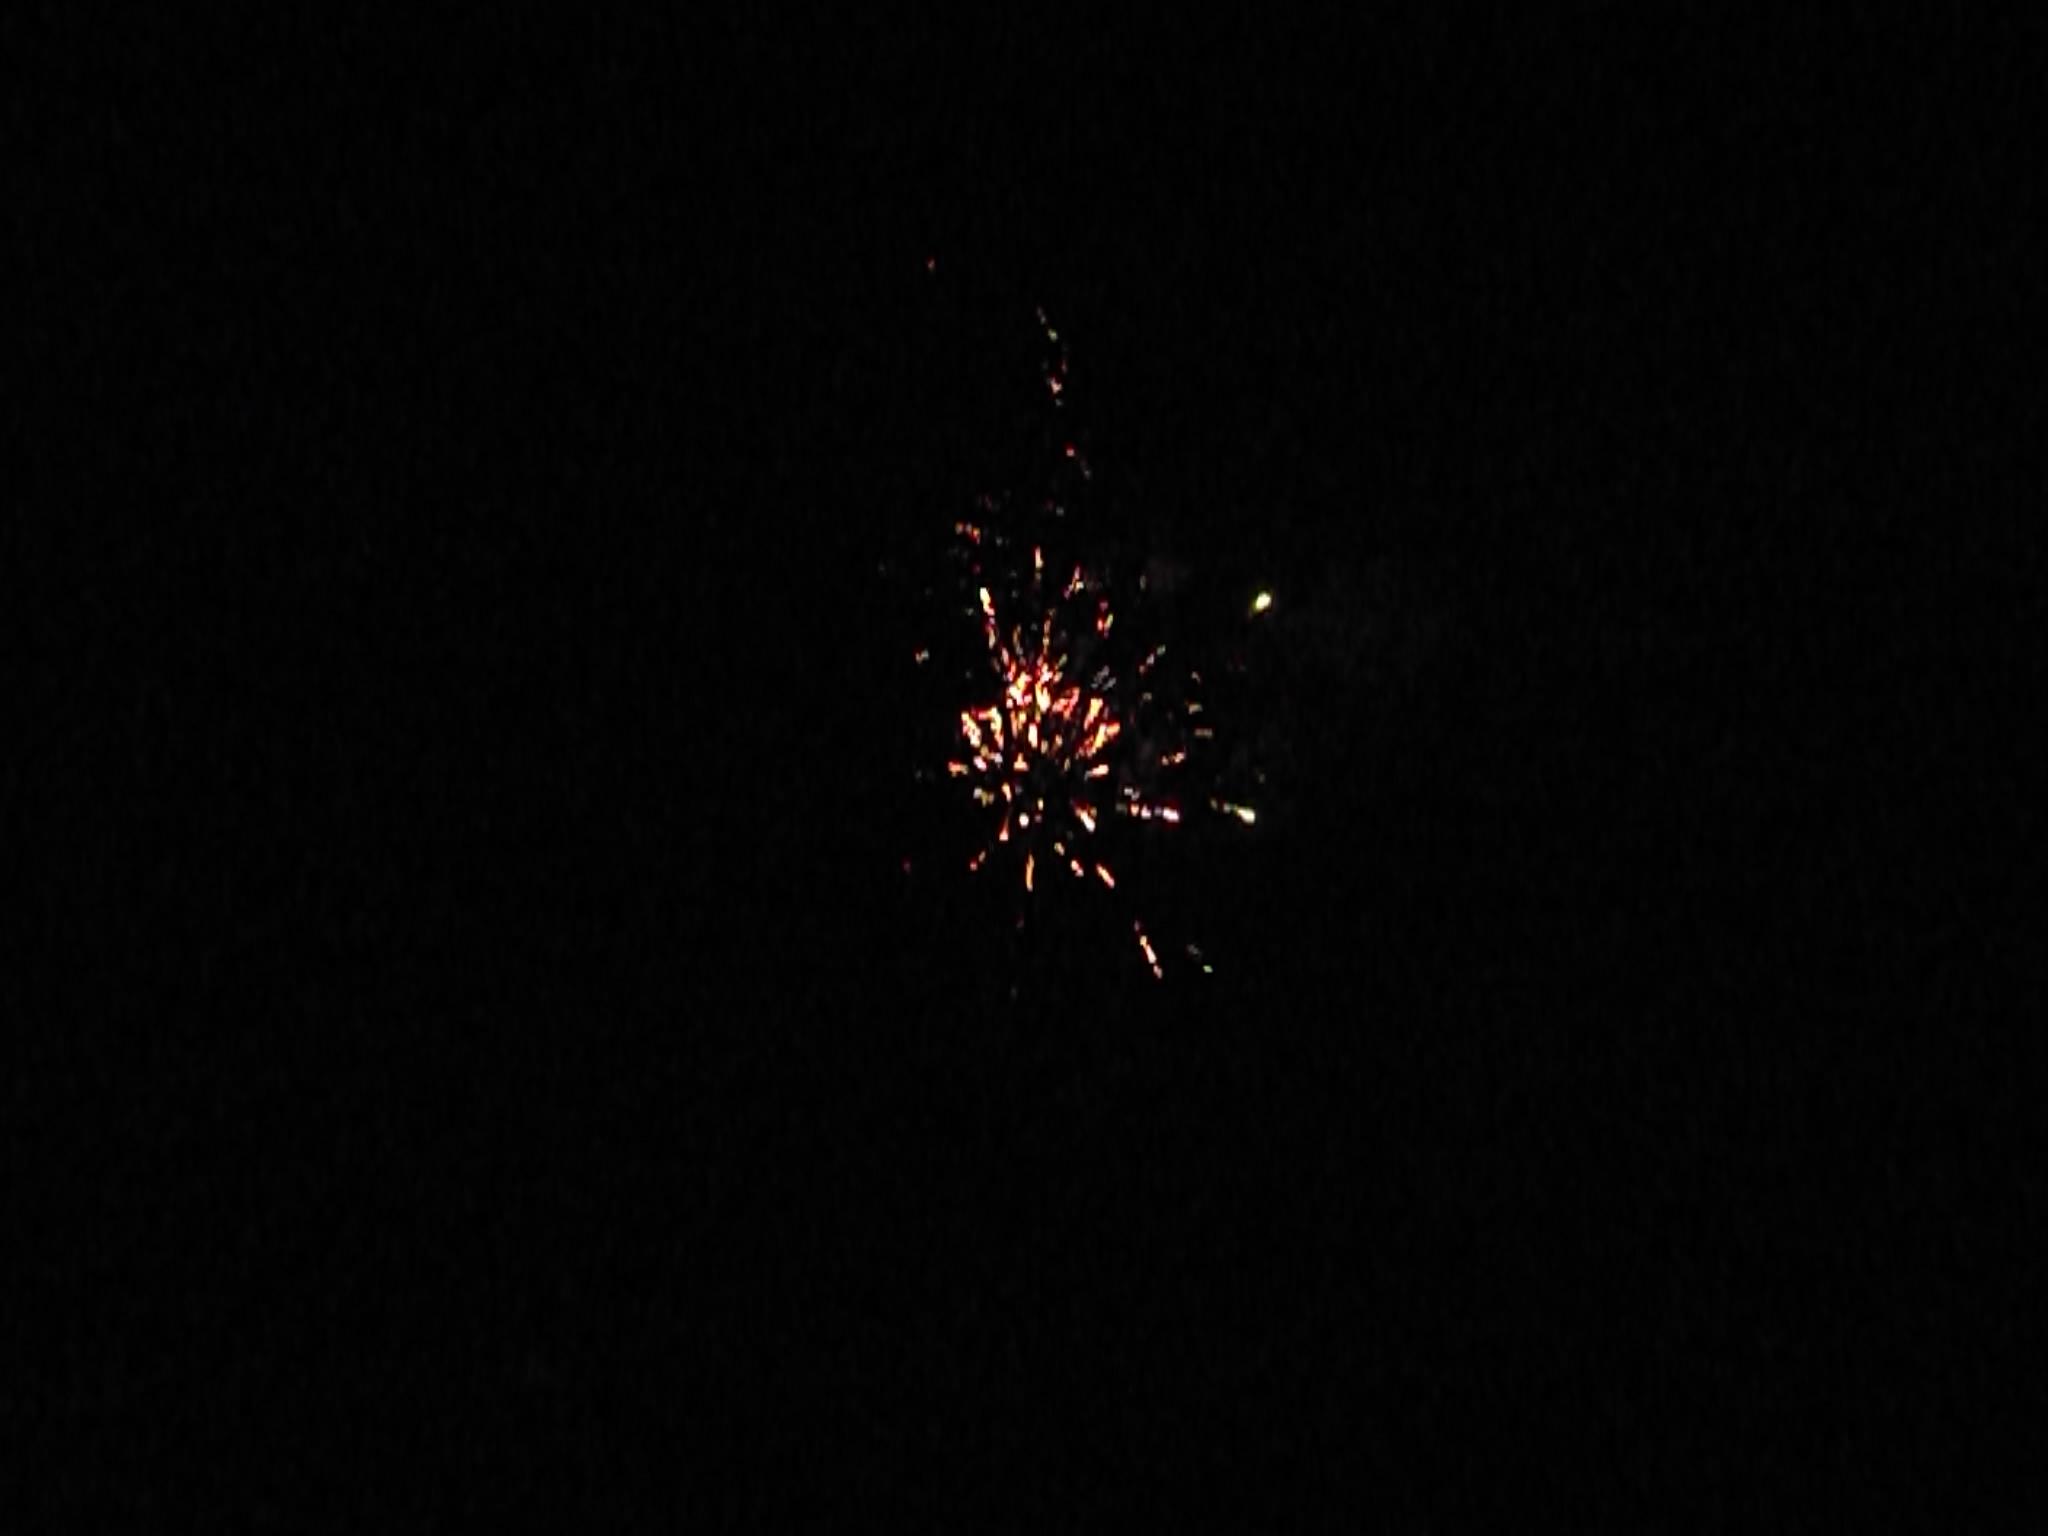 feuerwerk-serie-gif-4496